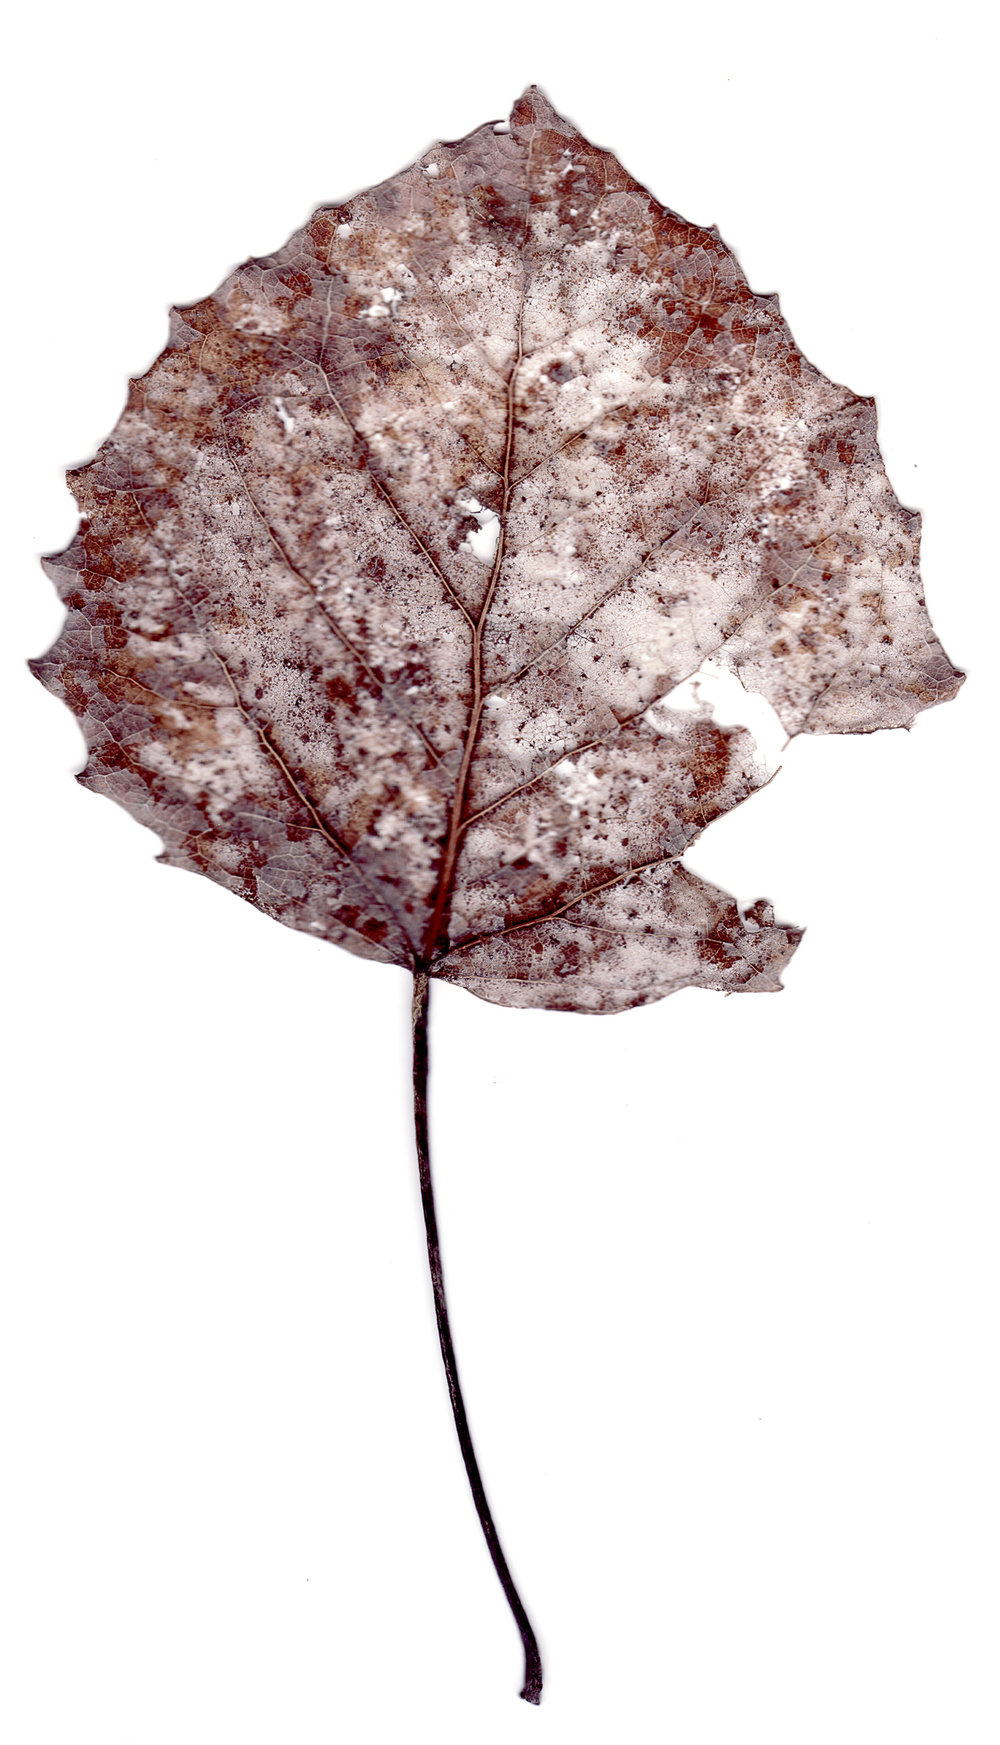 leaves0016.jpg